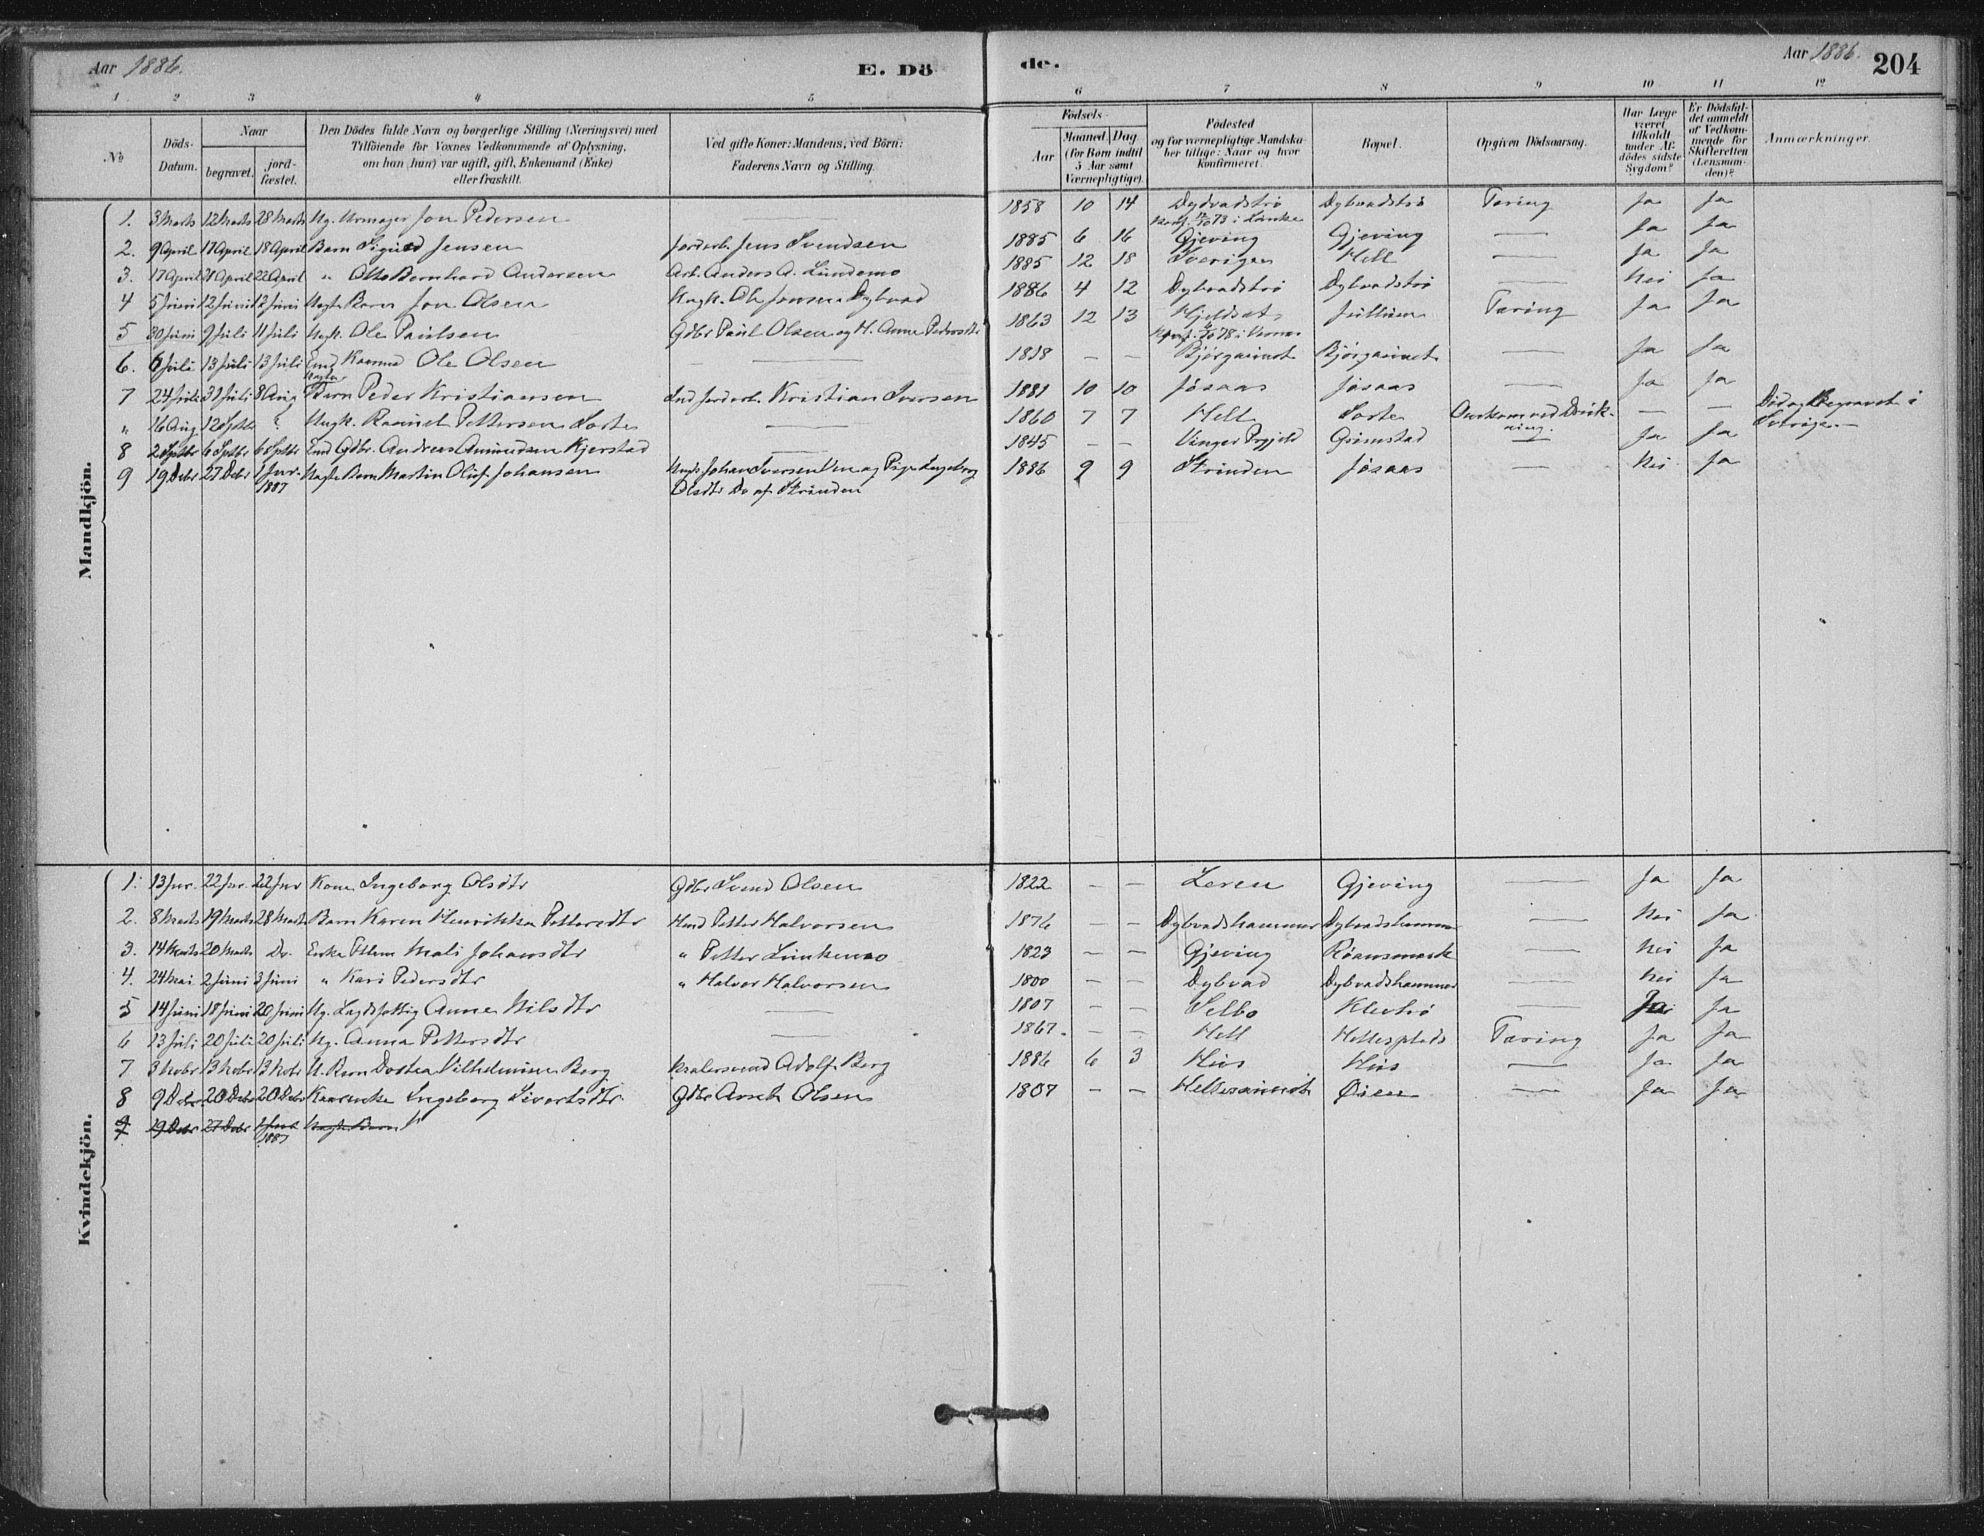 SAT, Ministerialprotokoller, klokkerbøker og fødselsregistre - Nord-Trøndelag, 710/L0095: Ministerialbok nr. 710A01, 1880-1914, s. 204